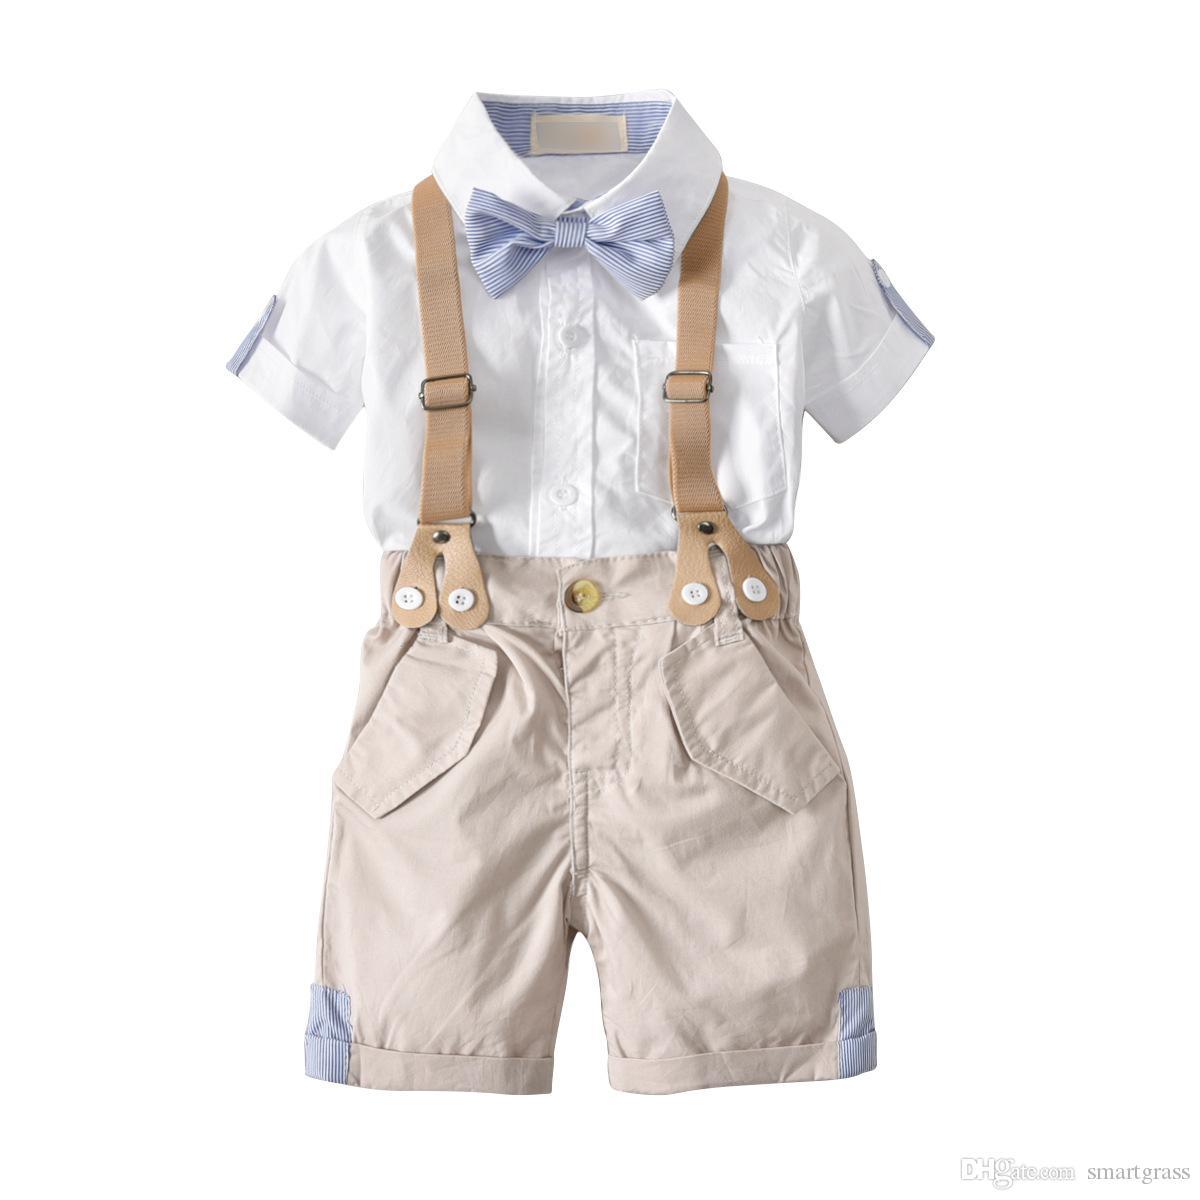 Été Ensemble 2 pièces bébé garçon Tenues petit homme Mode Vêtements de bébé en ligne Chemises blanches et demi Pantalons Longueur Vêtements Ensembles 18042603